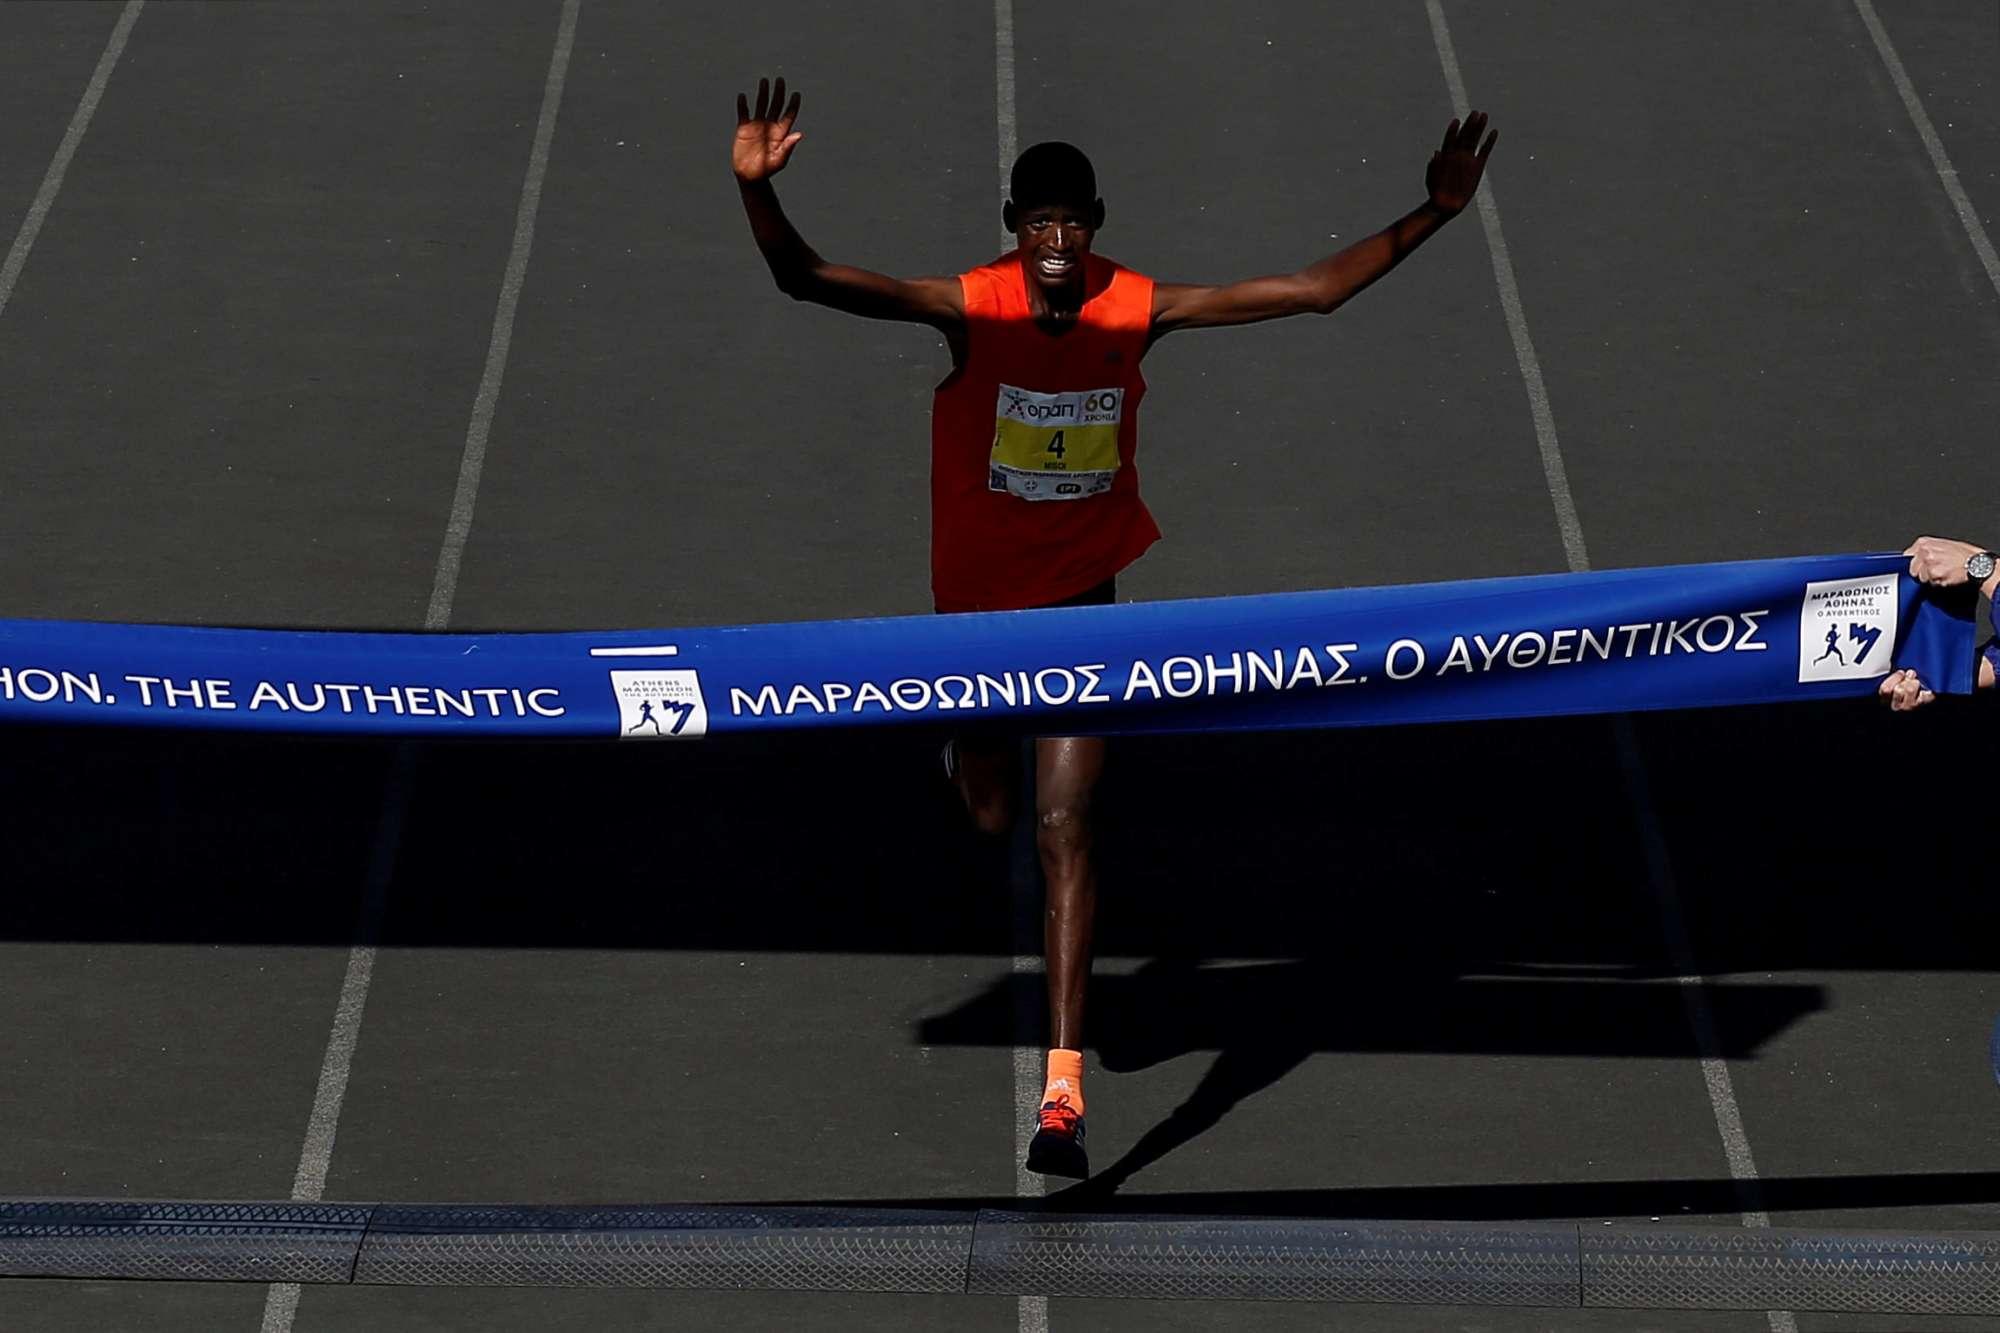 Ο τερματισμός του Κενυάτη που πήρε την πρώτη θέση...